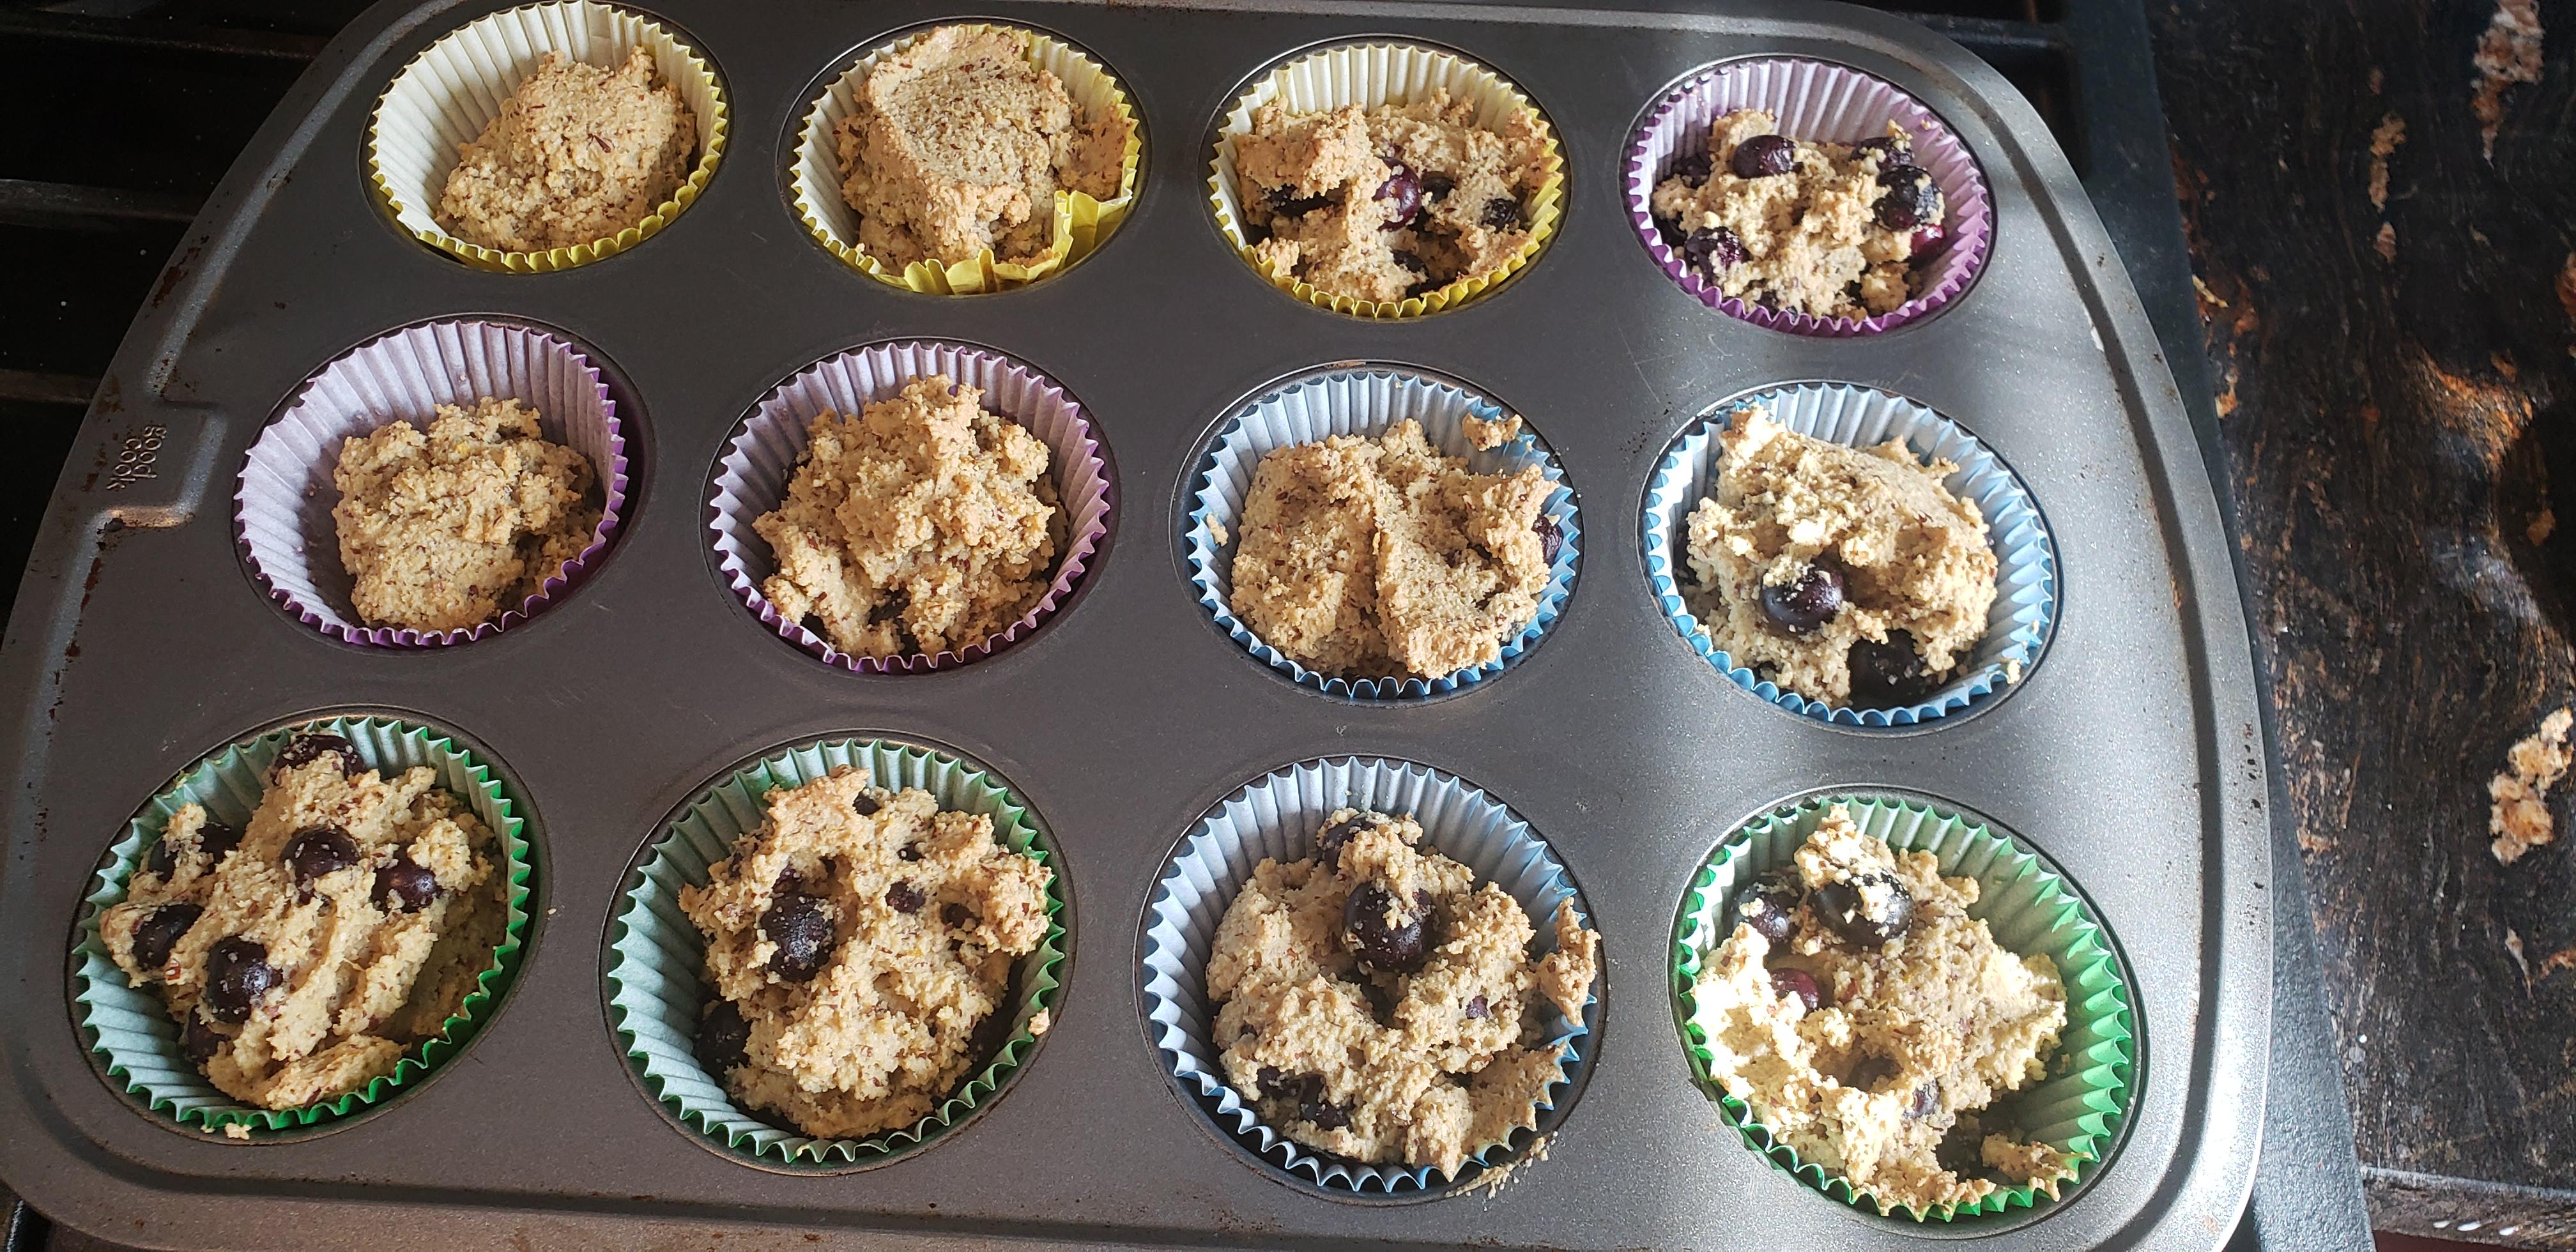 Almond Flour Blueberry Muffins (Gluten Free) Taryn Mosley